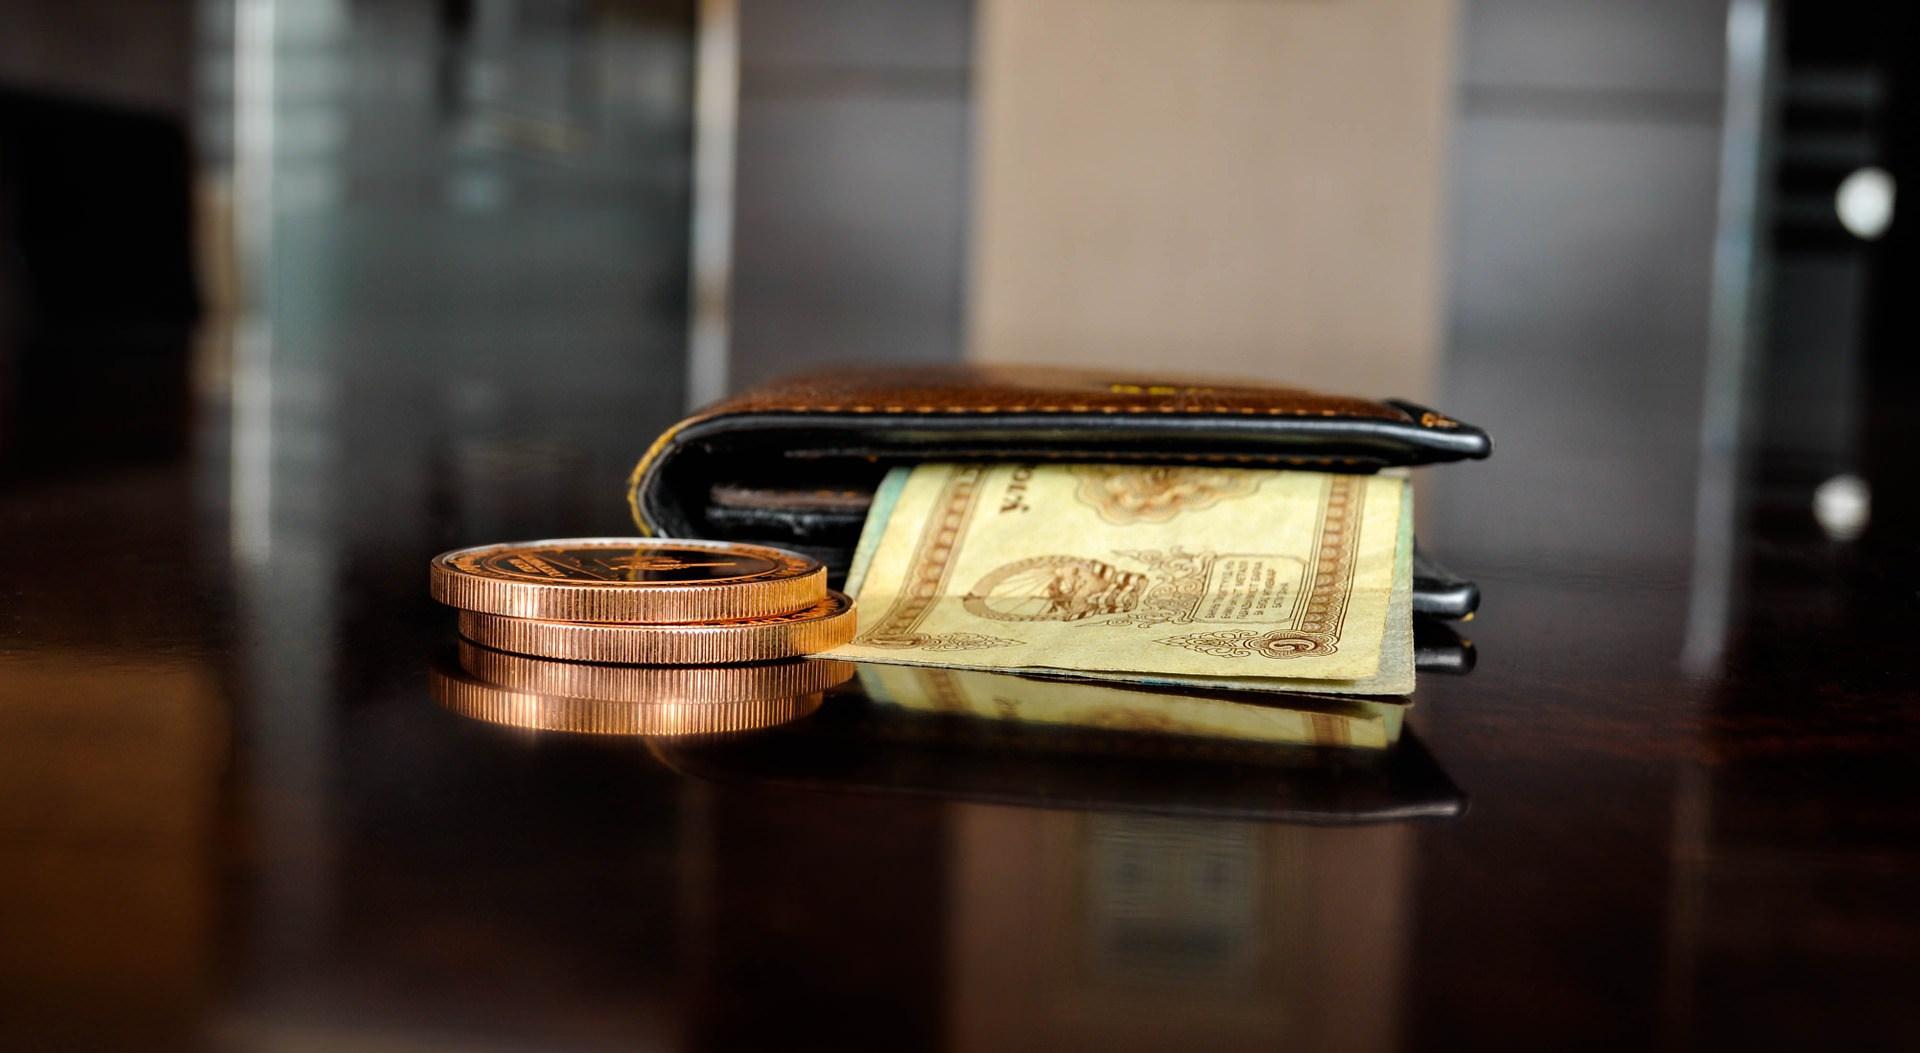 荷包沒錢刷信用卡換現金幫你補足